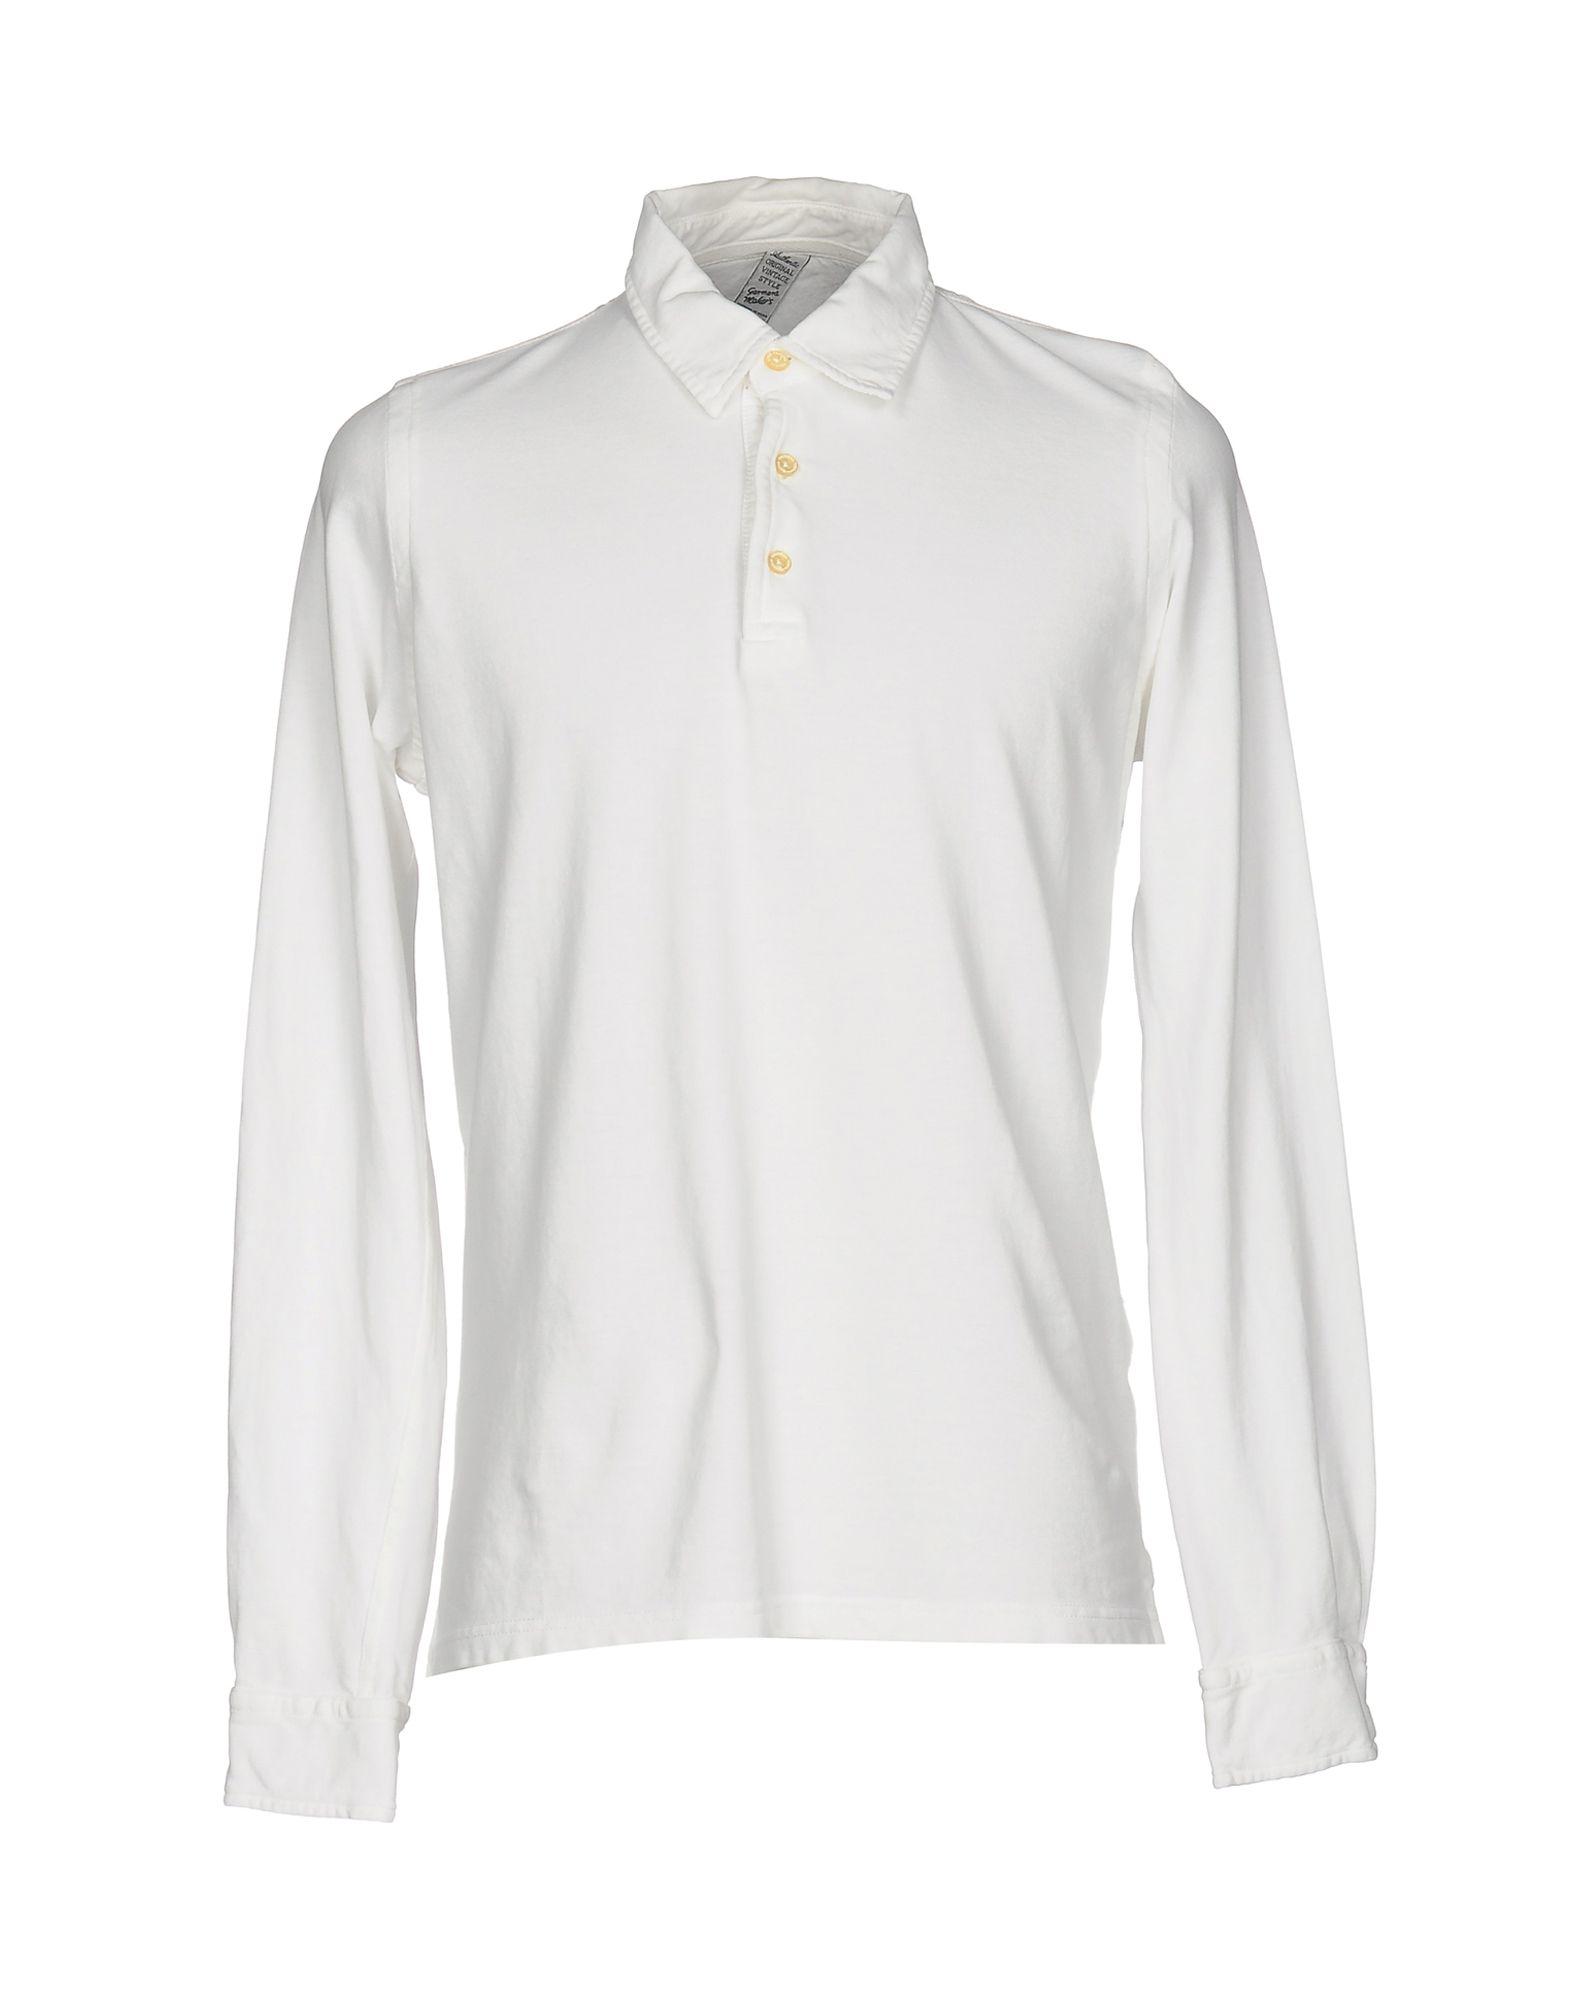 《送料無料》AUTHENTIC ORIGINAL VINTAGE STYLE メンズ ポロシャツ ホワイト 3XL コットン 100%